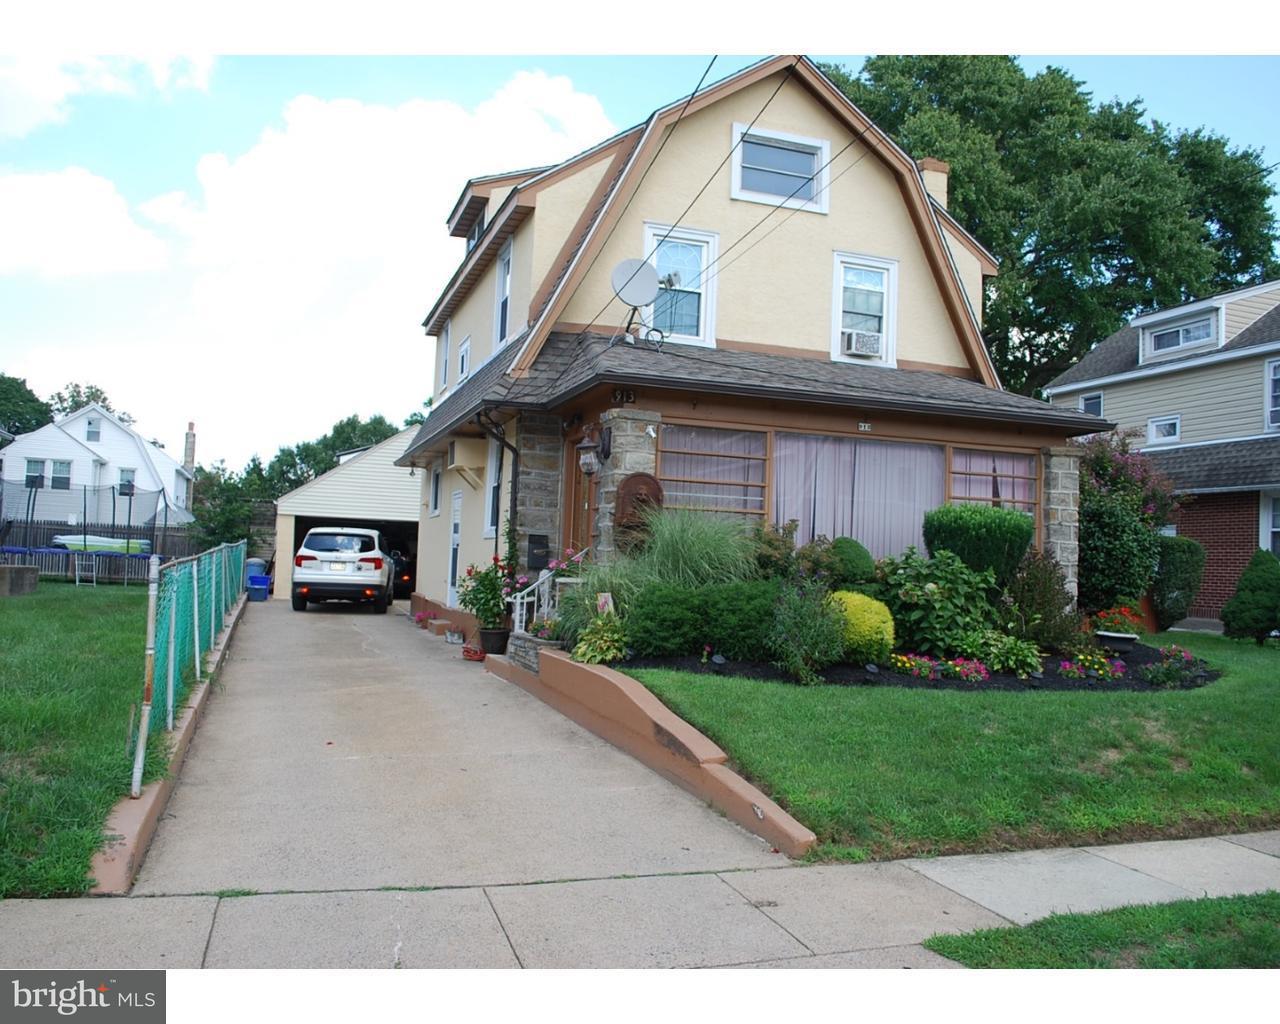 913 Mason Avenue Drexel Hill, PA 19026